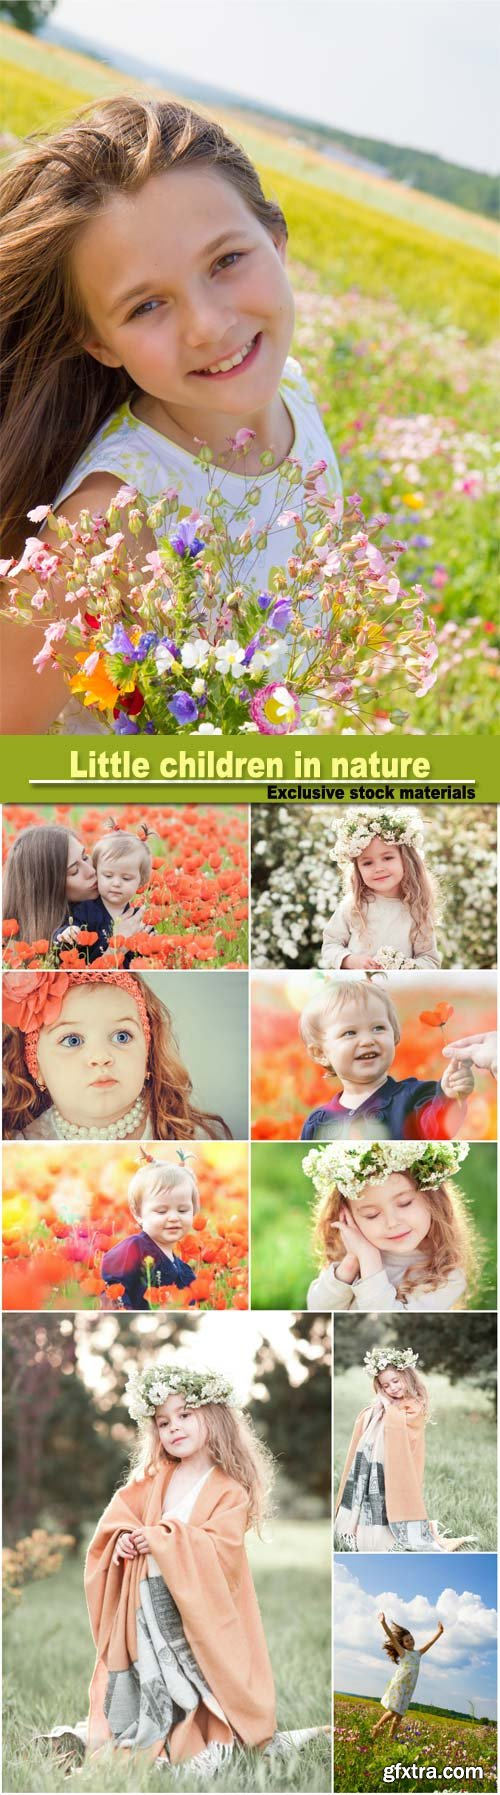 Little Children in Nature, Family 10xJPG